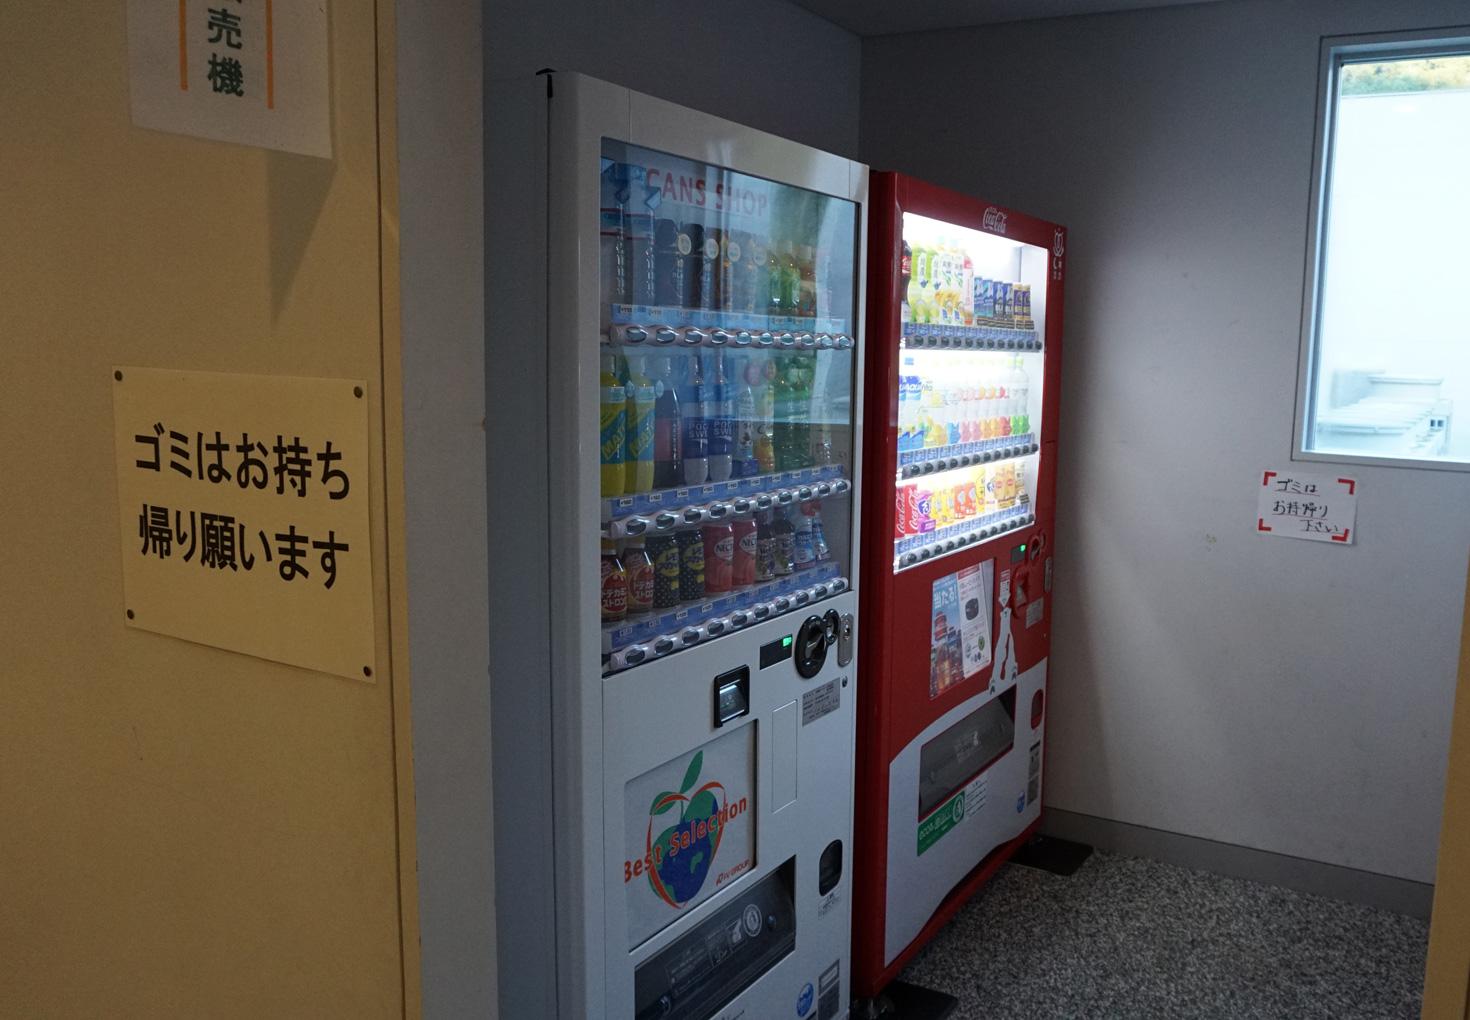 芦別市滝里湖オートキャンプ場20